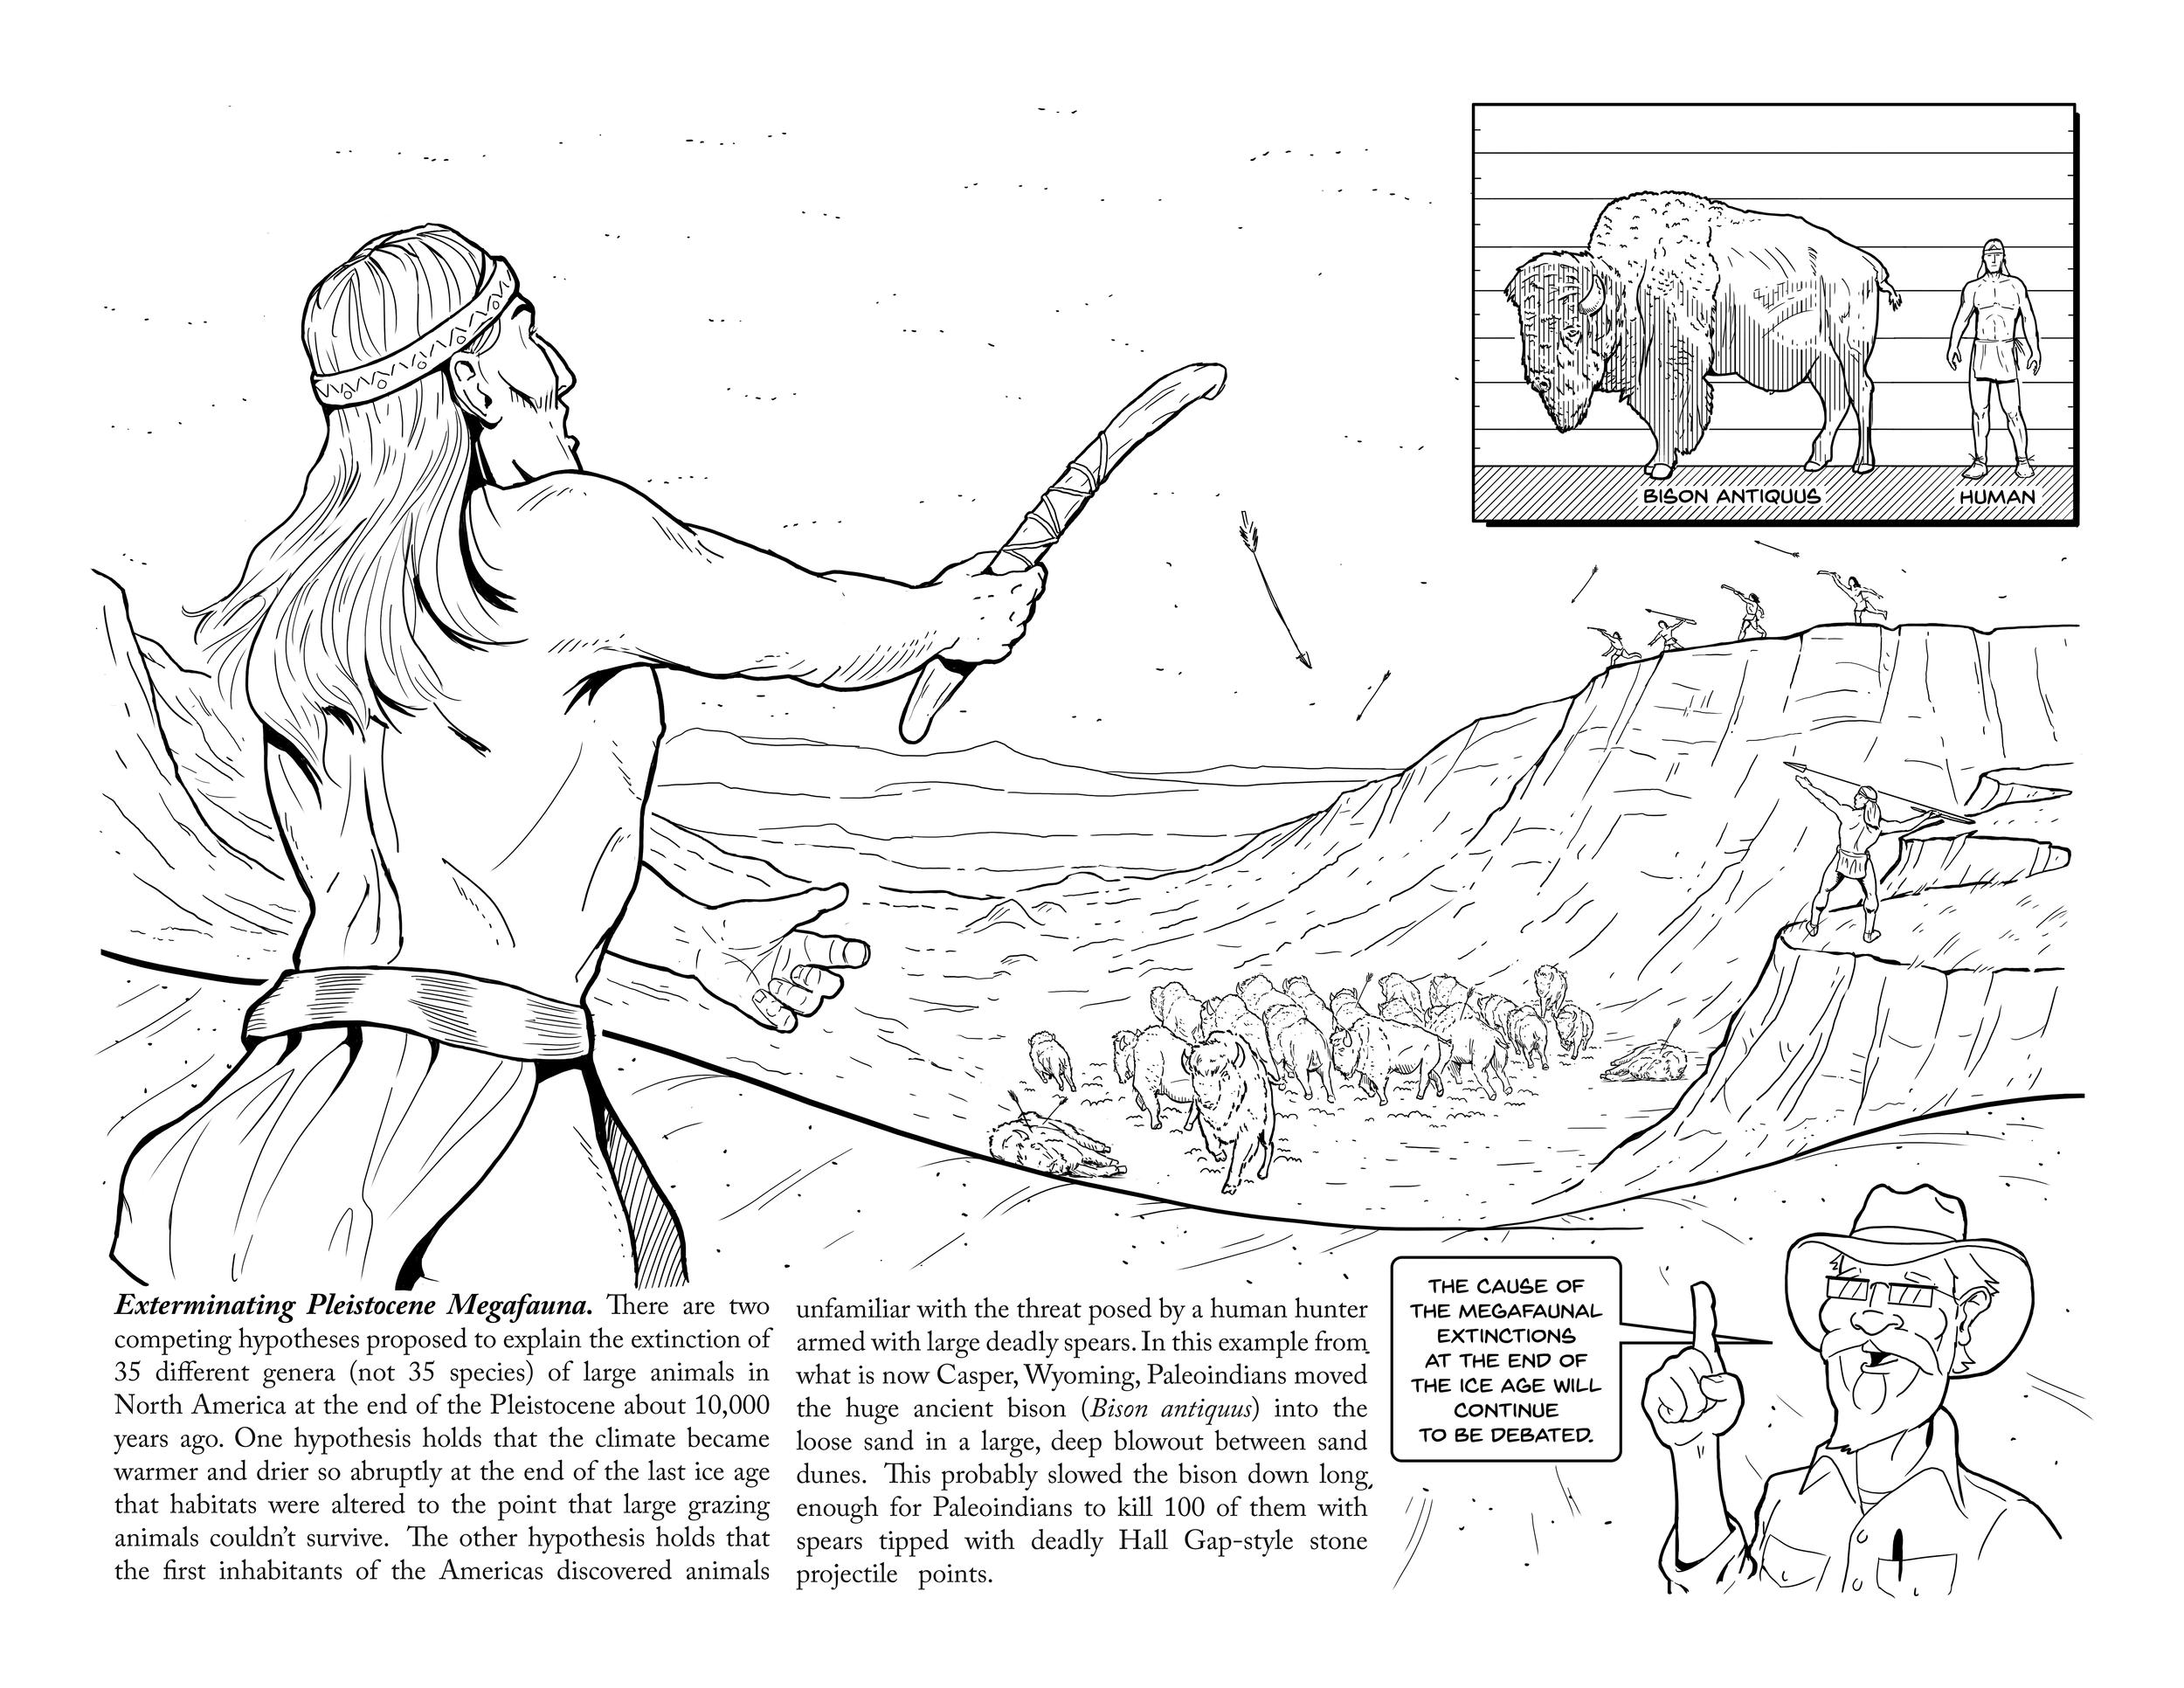 pg-15_Exterminating-Megafauna.png